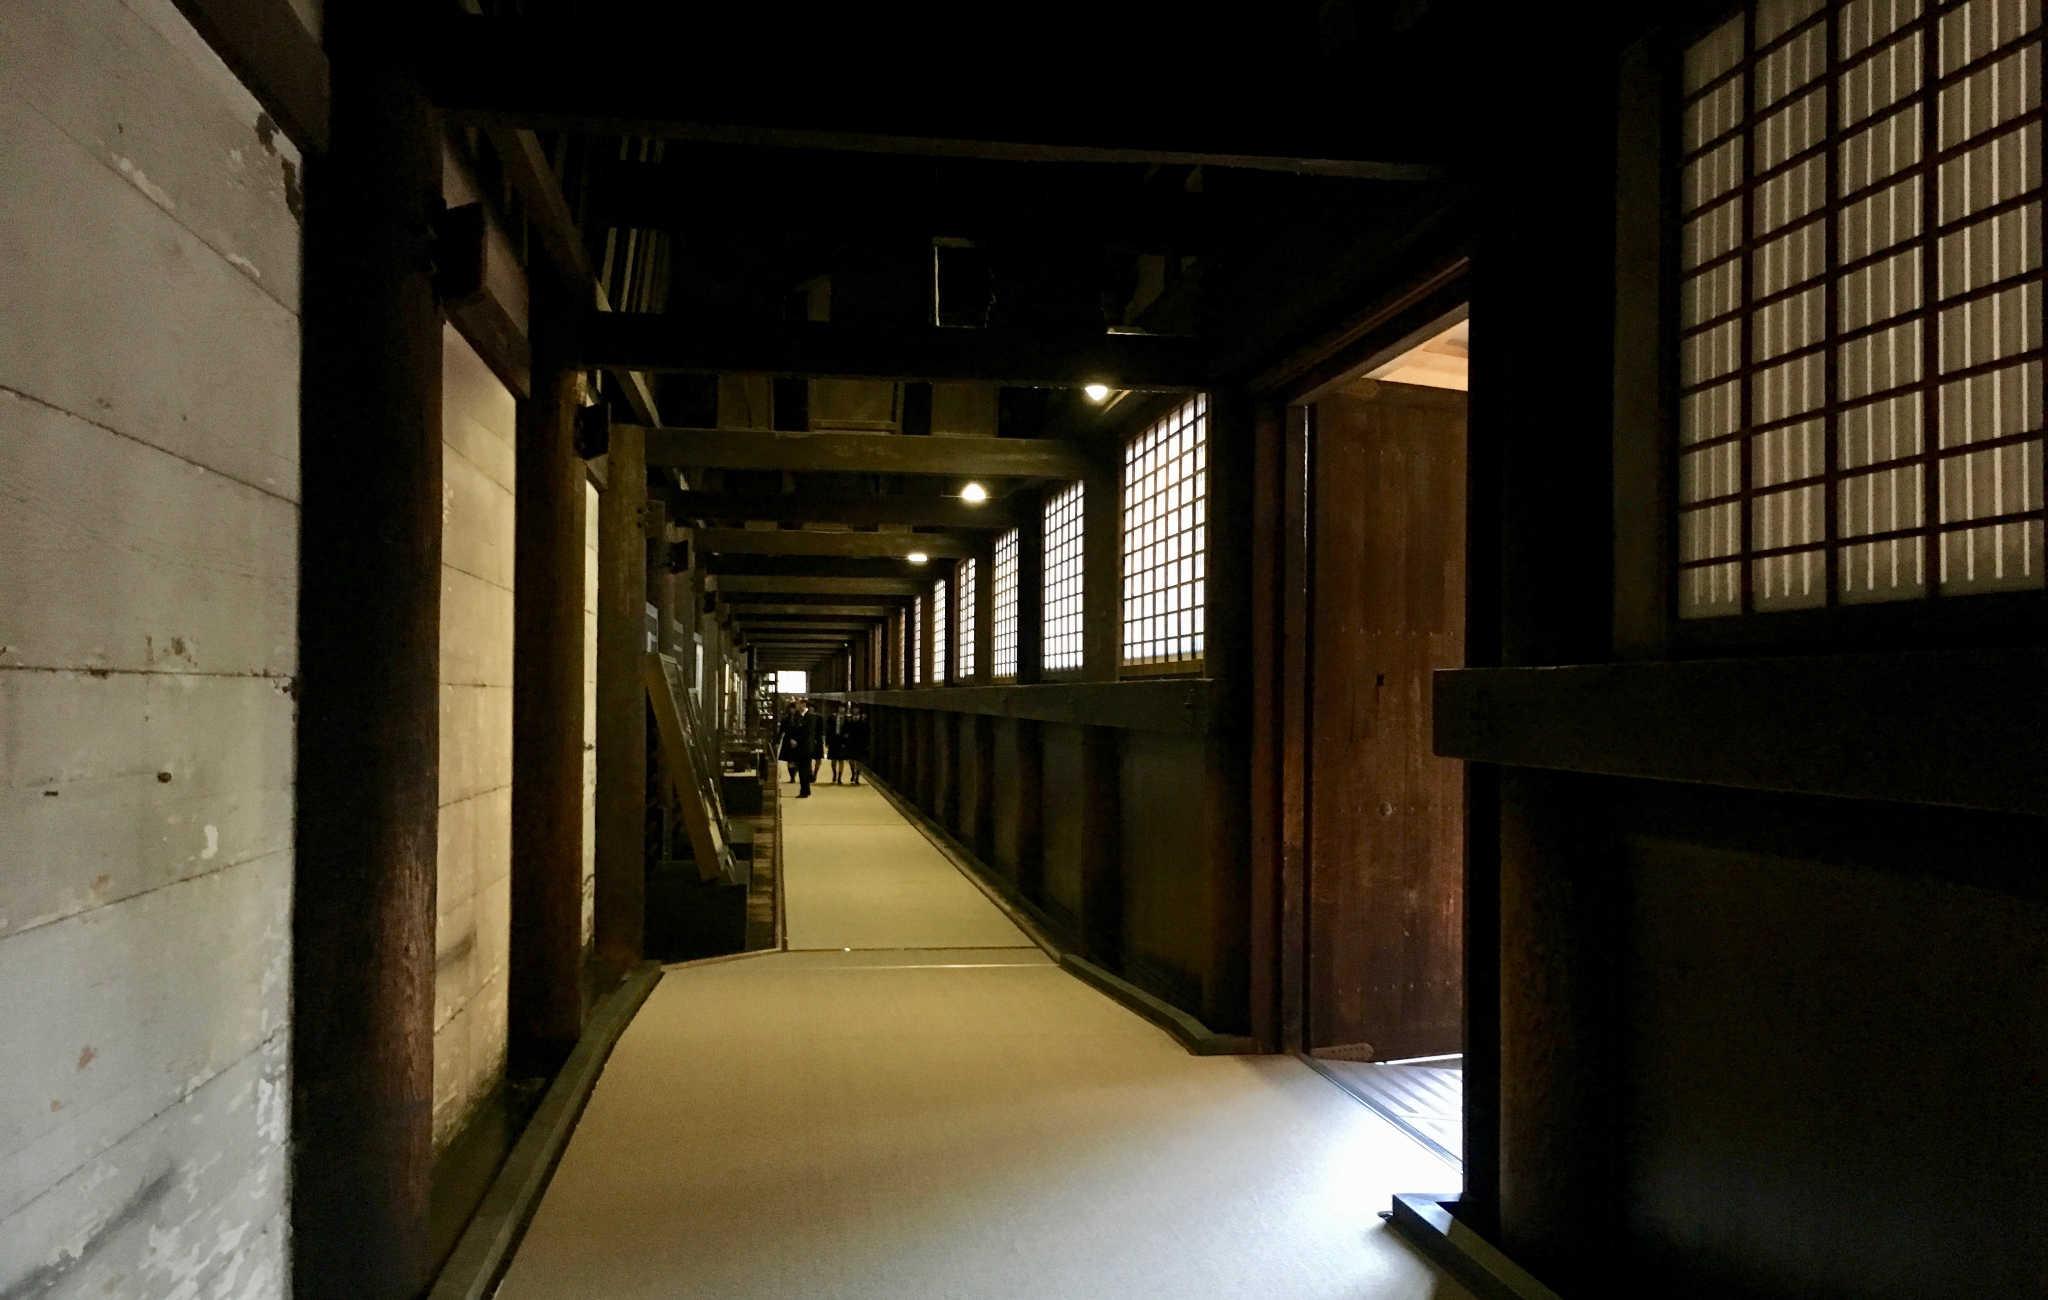 Le couloir très feutré et sombre qui mène aux statues